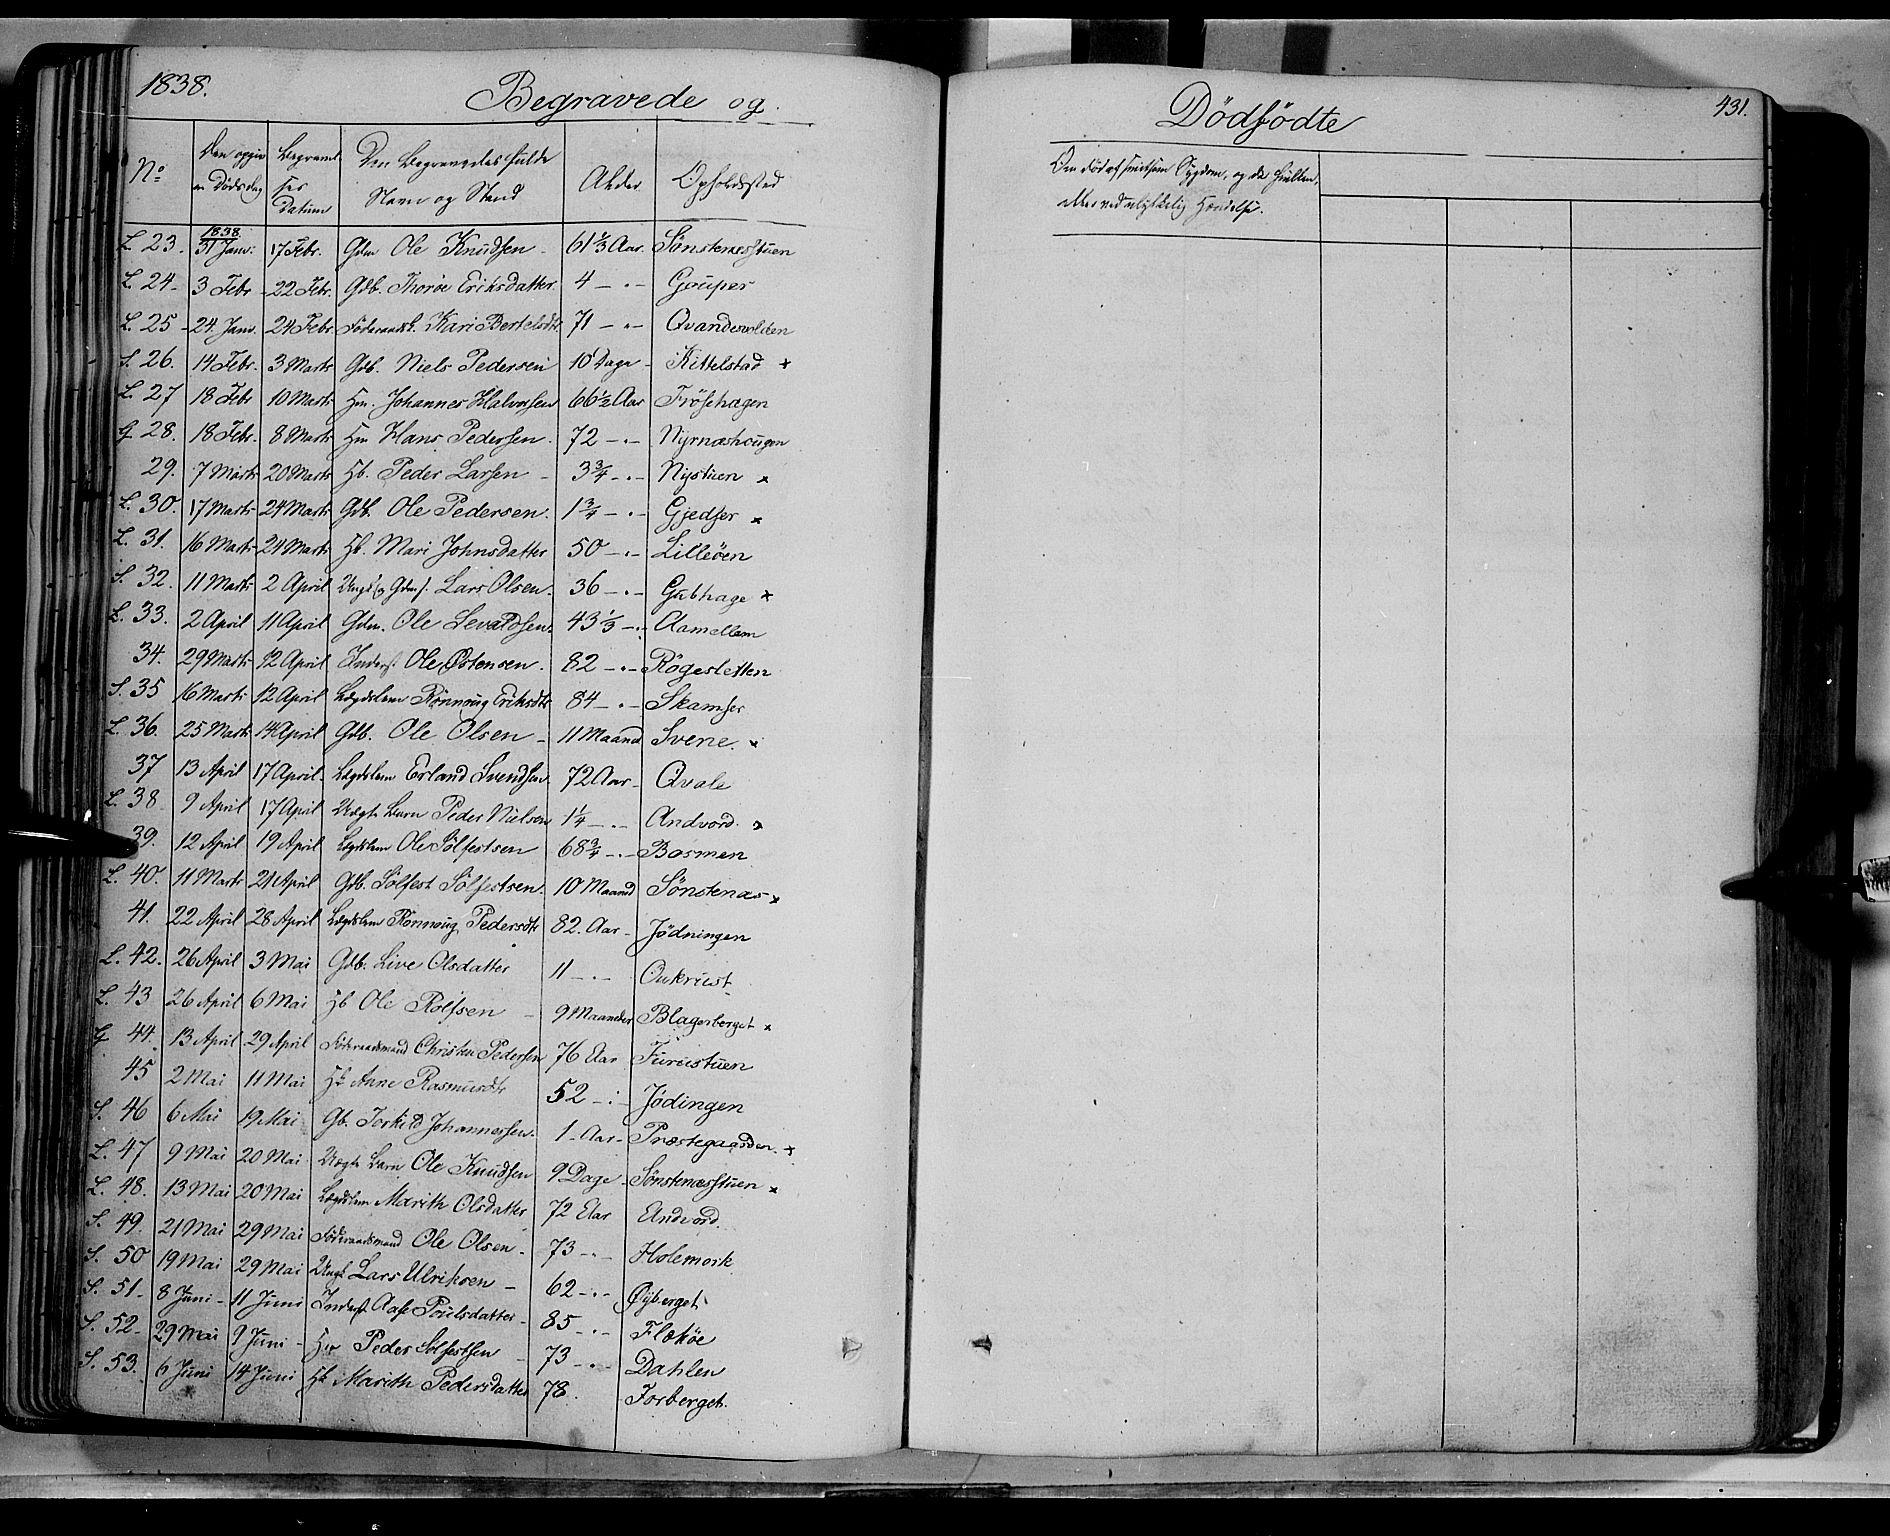 SAH, Lom prestekontor, K/L0006: Ministerialbok nr. 6B, 1837-1863, s. 431